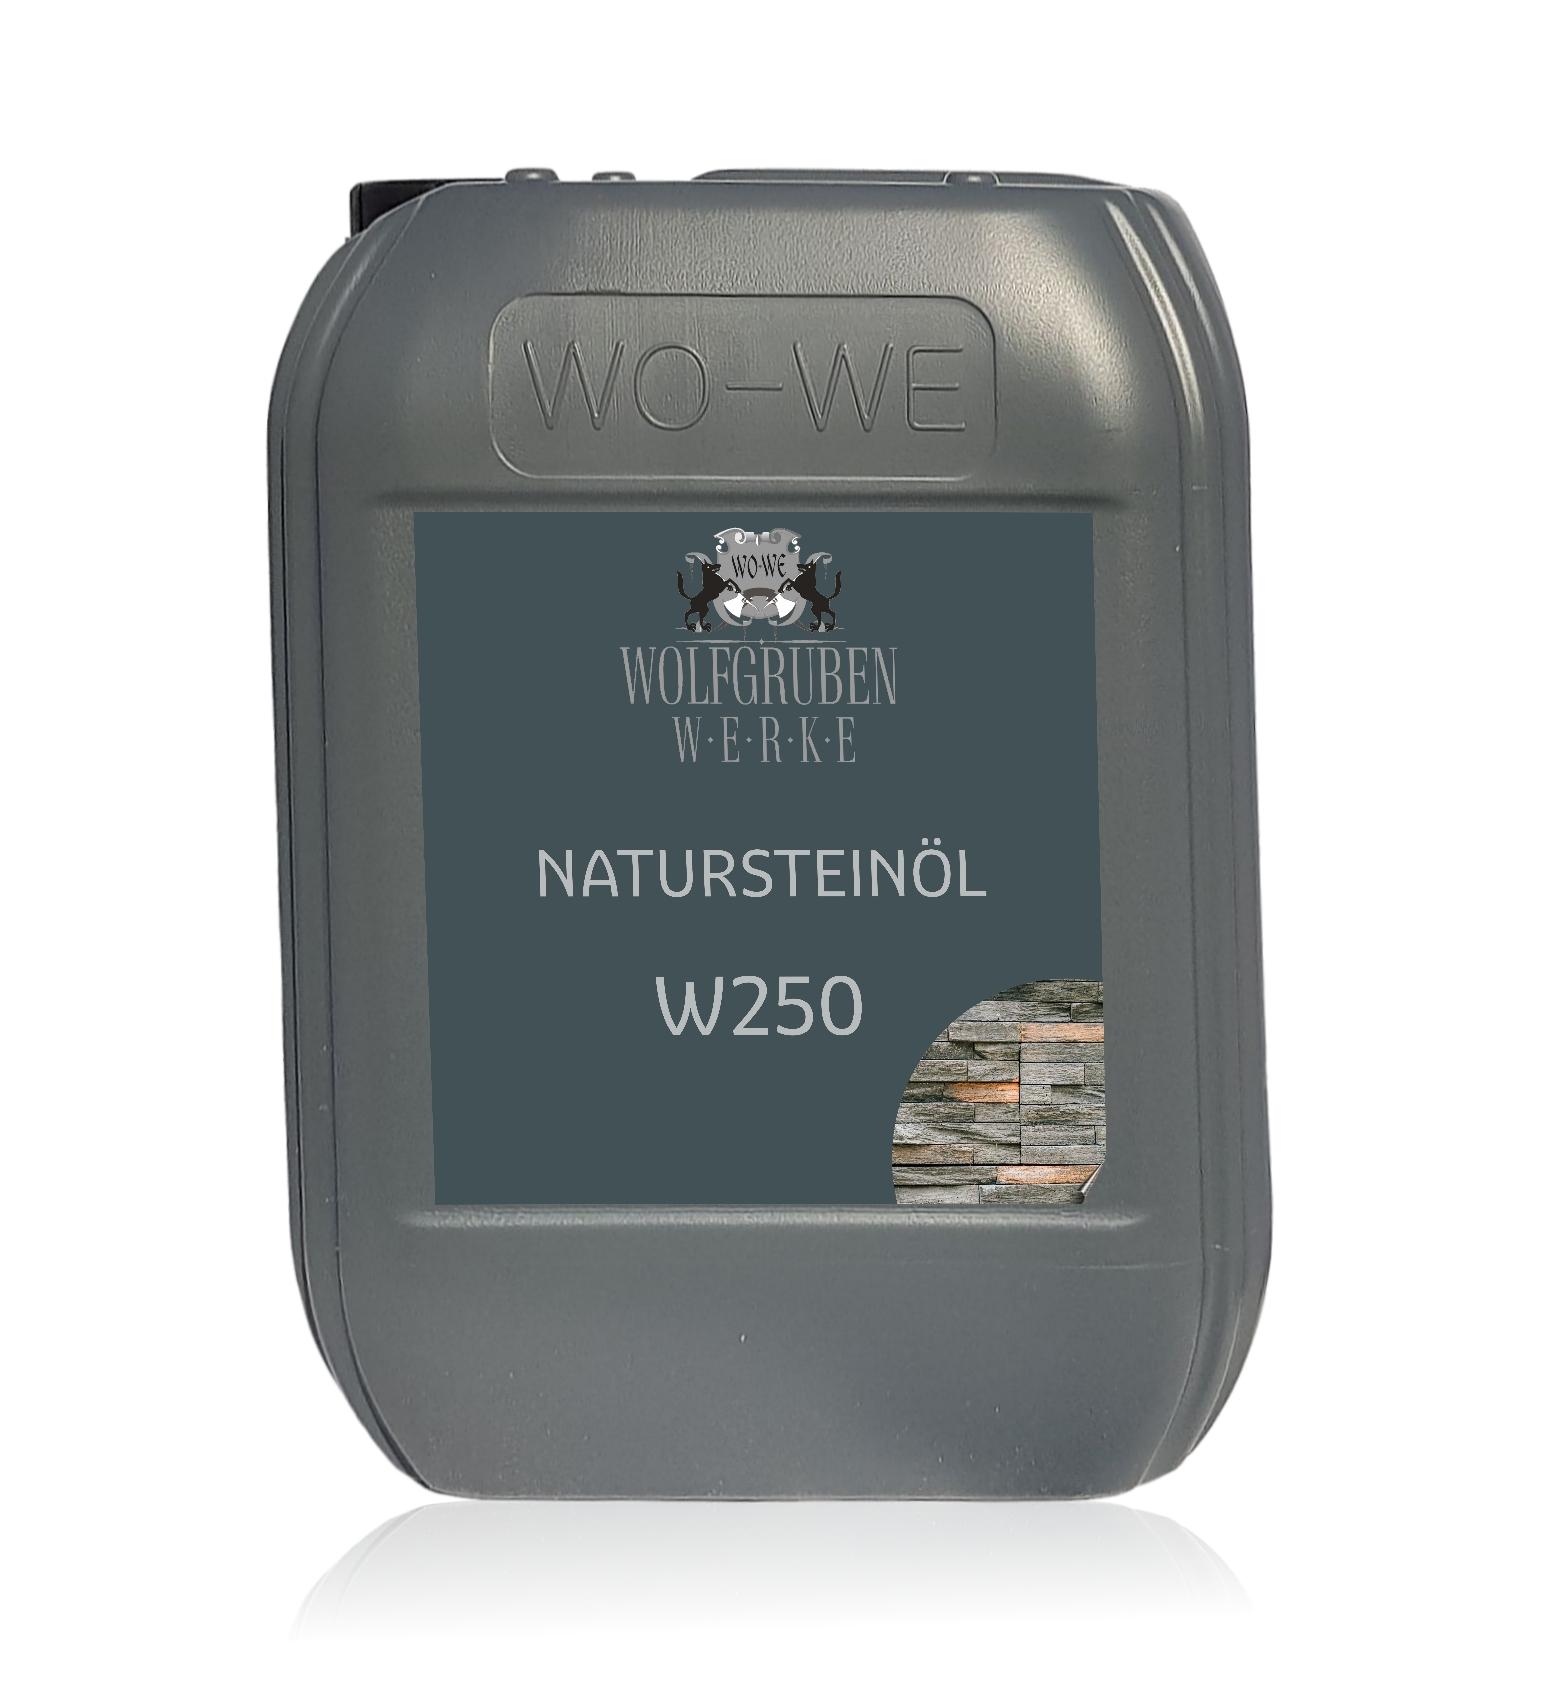 W250.jpg?dl=0